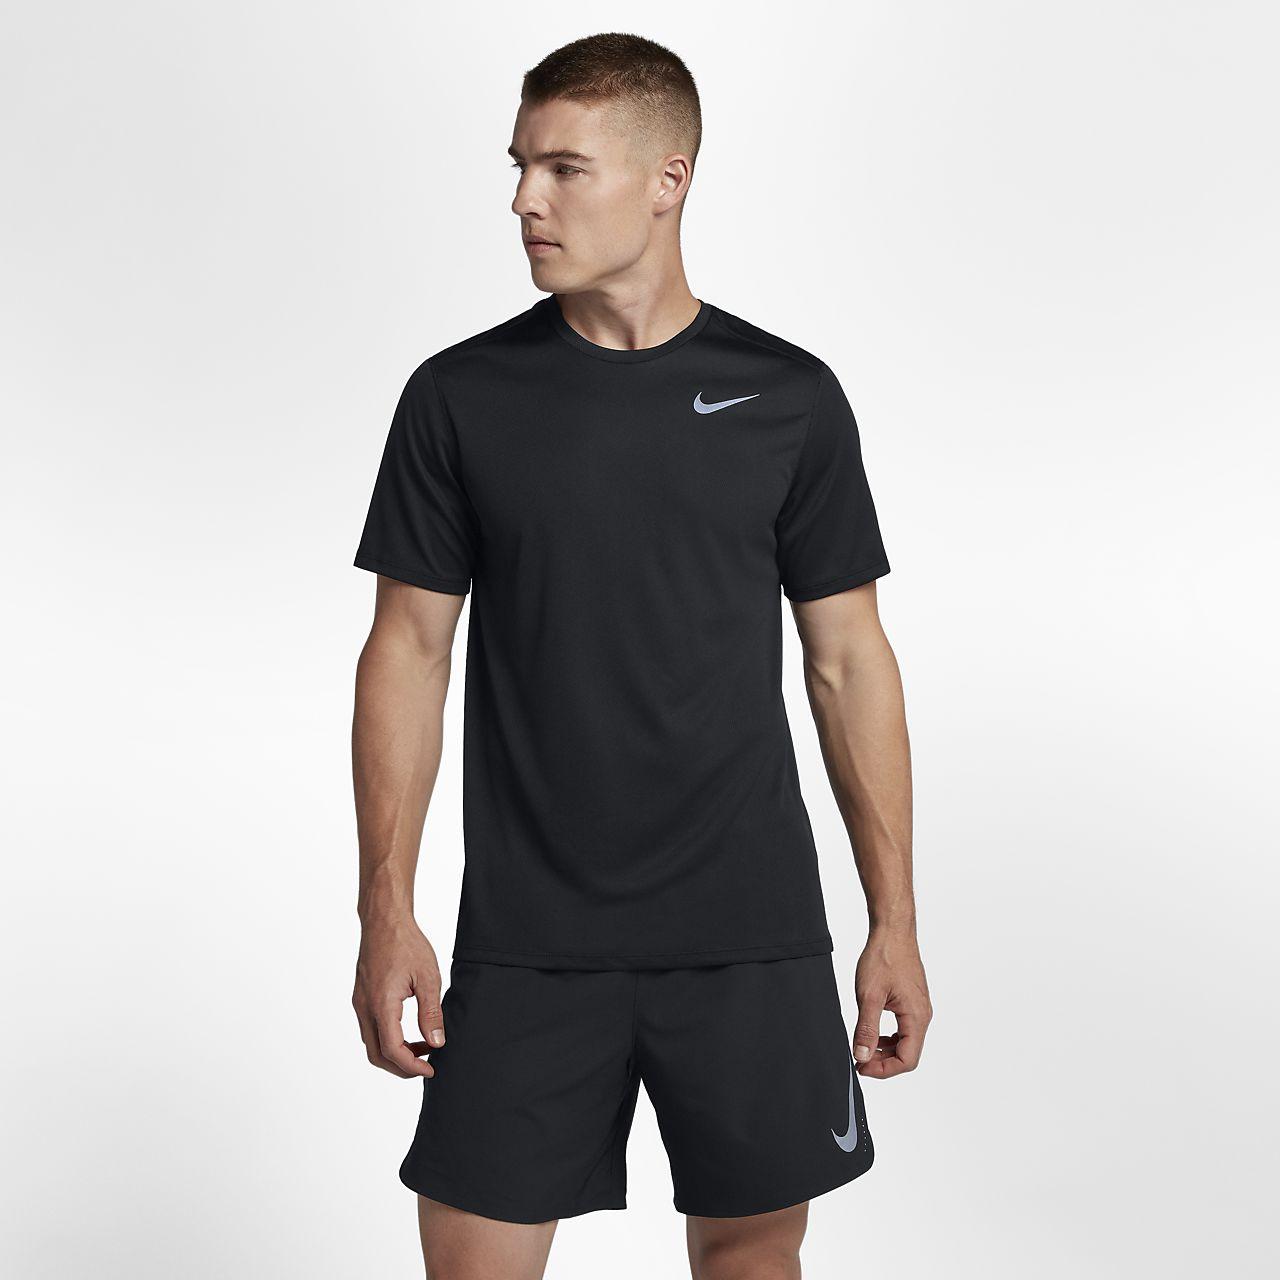 Haut de running Nike Breathe pour Homme